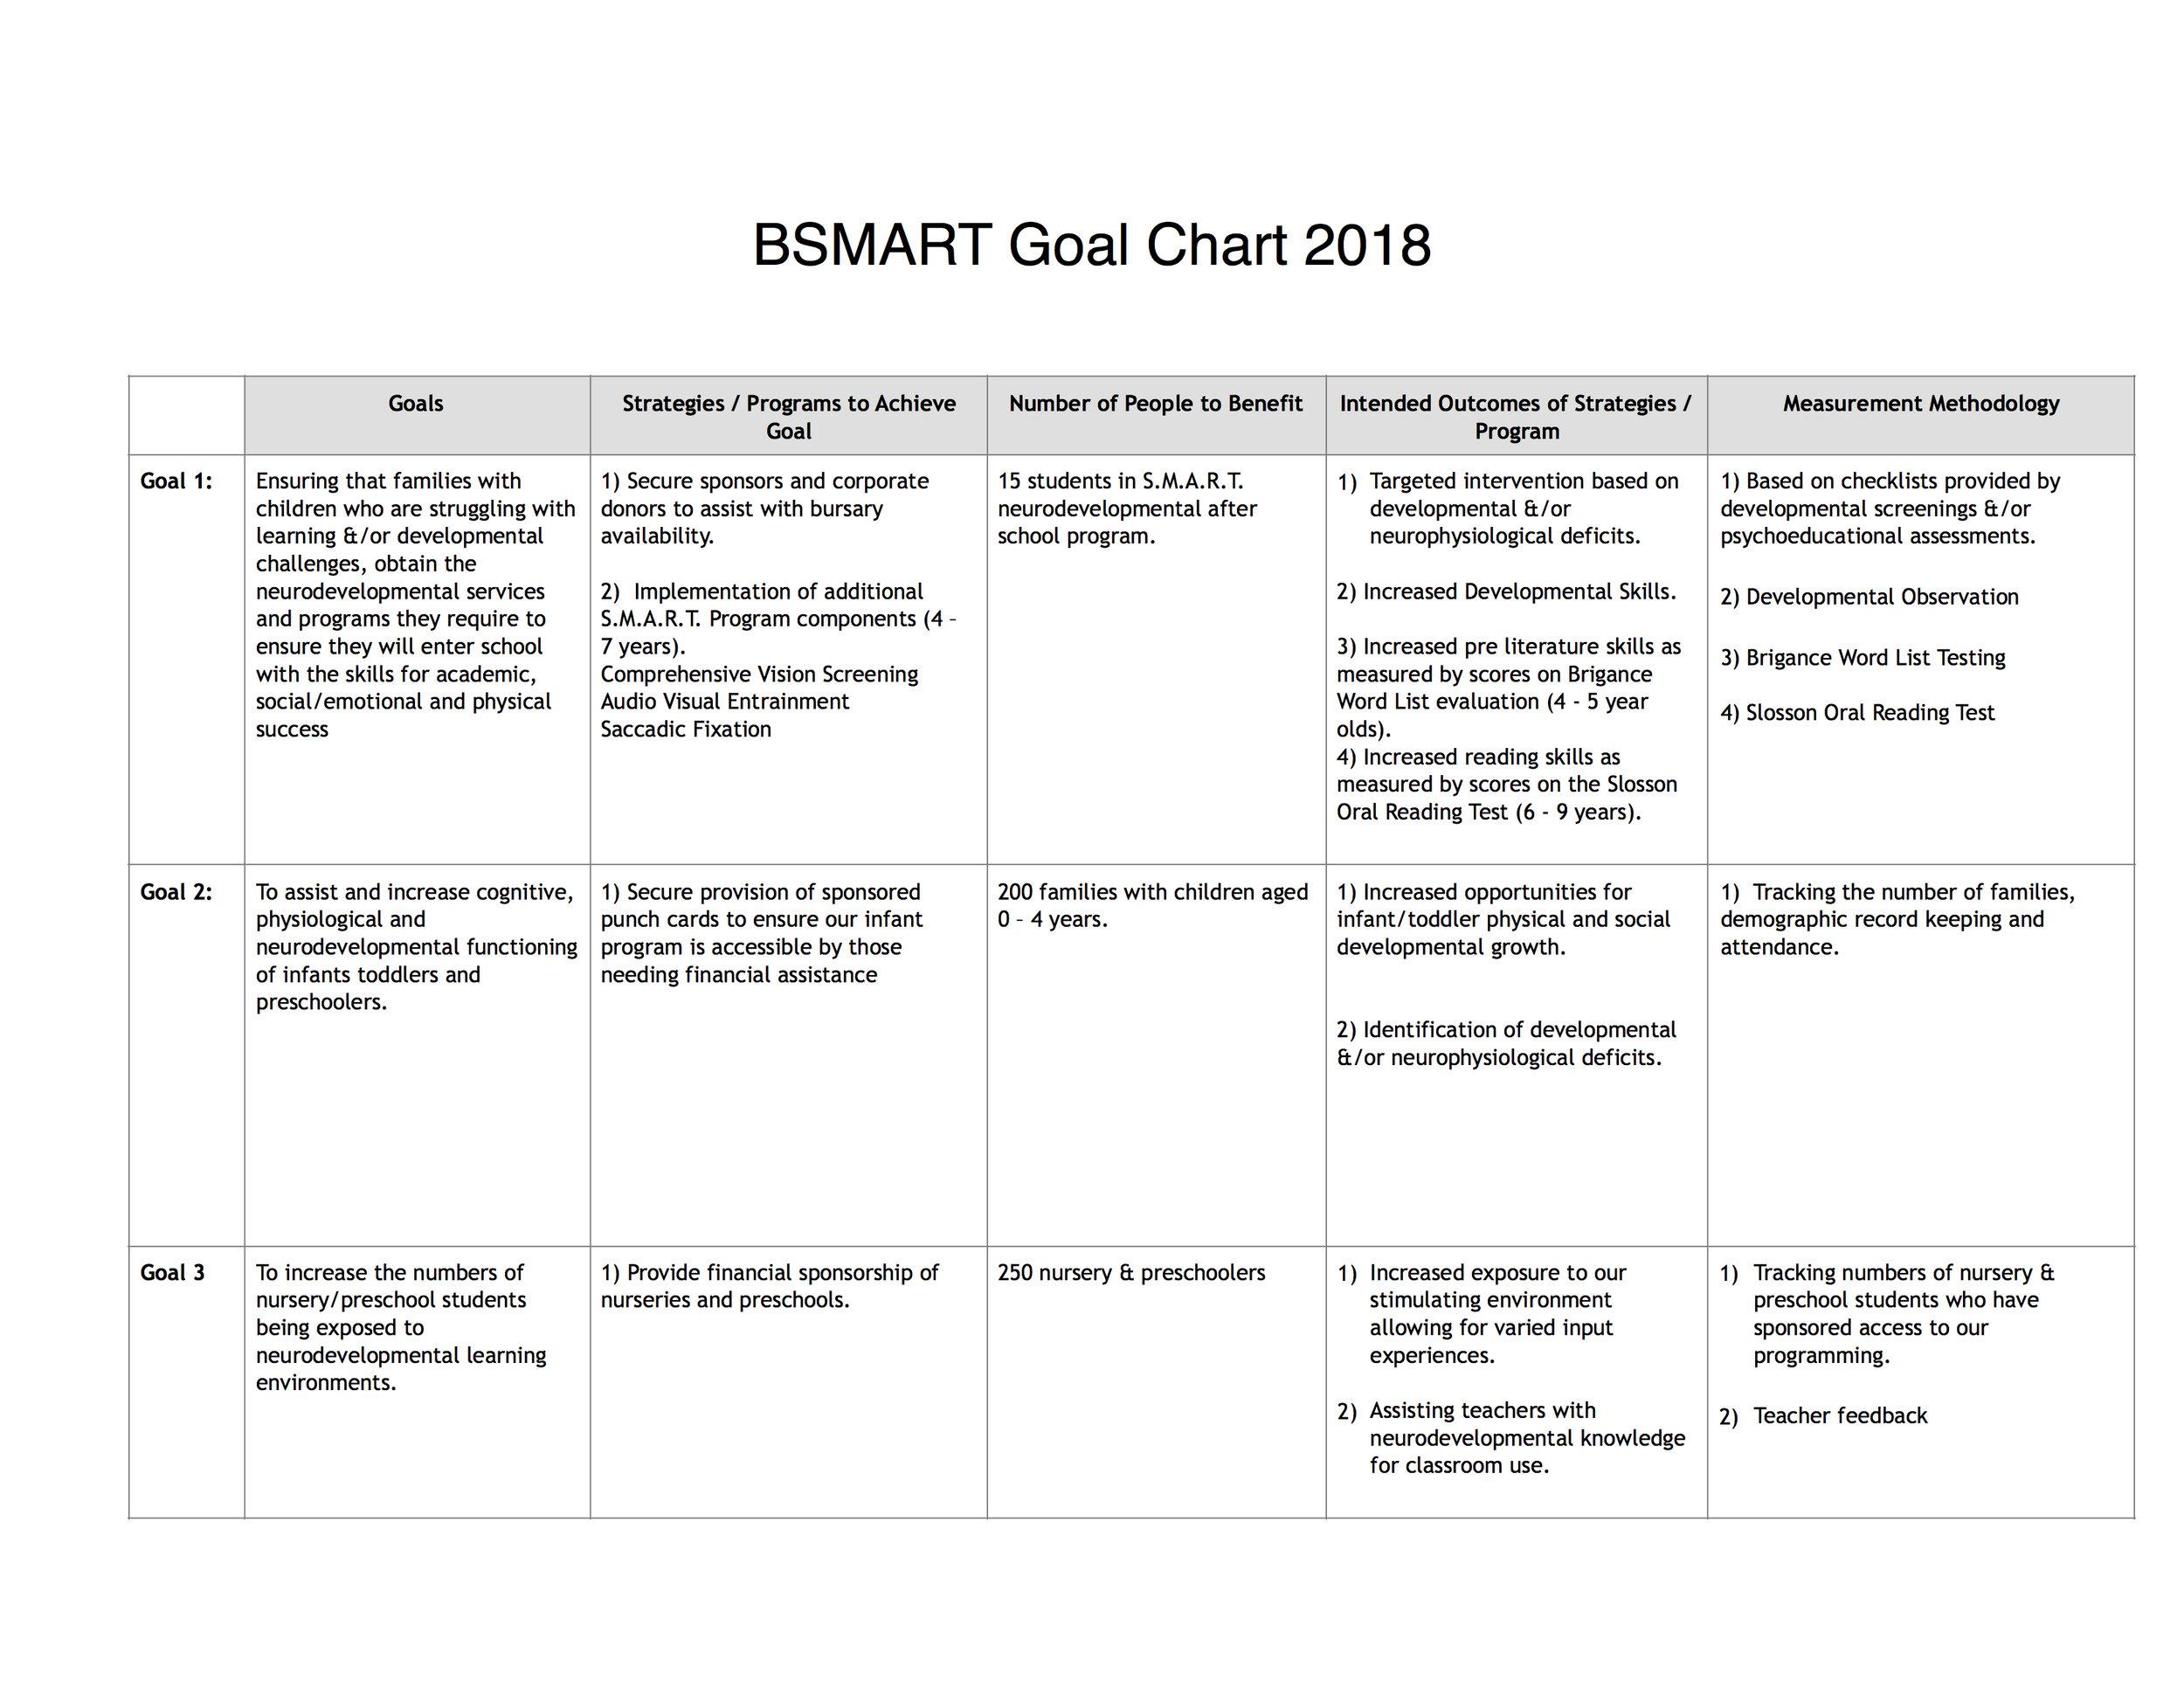 BSMART Goal Chart 2018.jpg